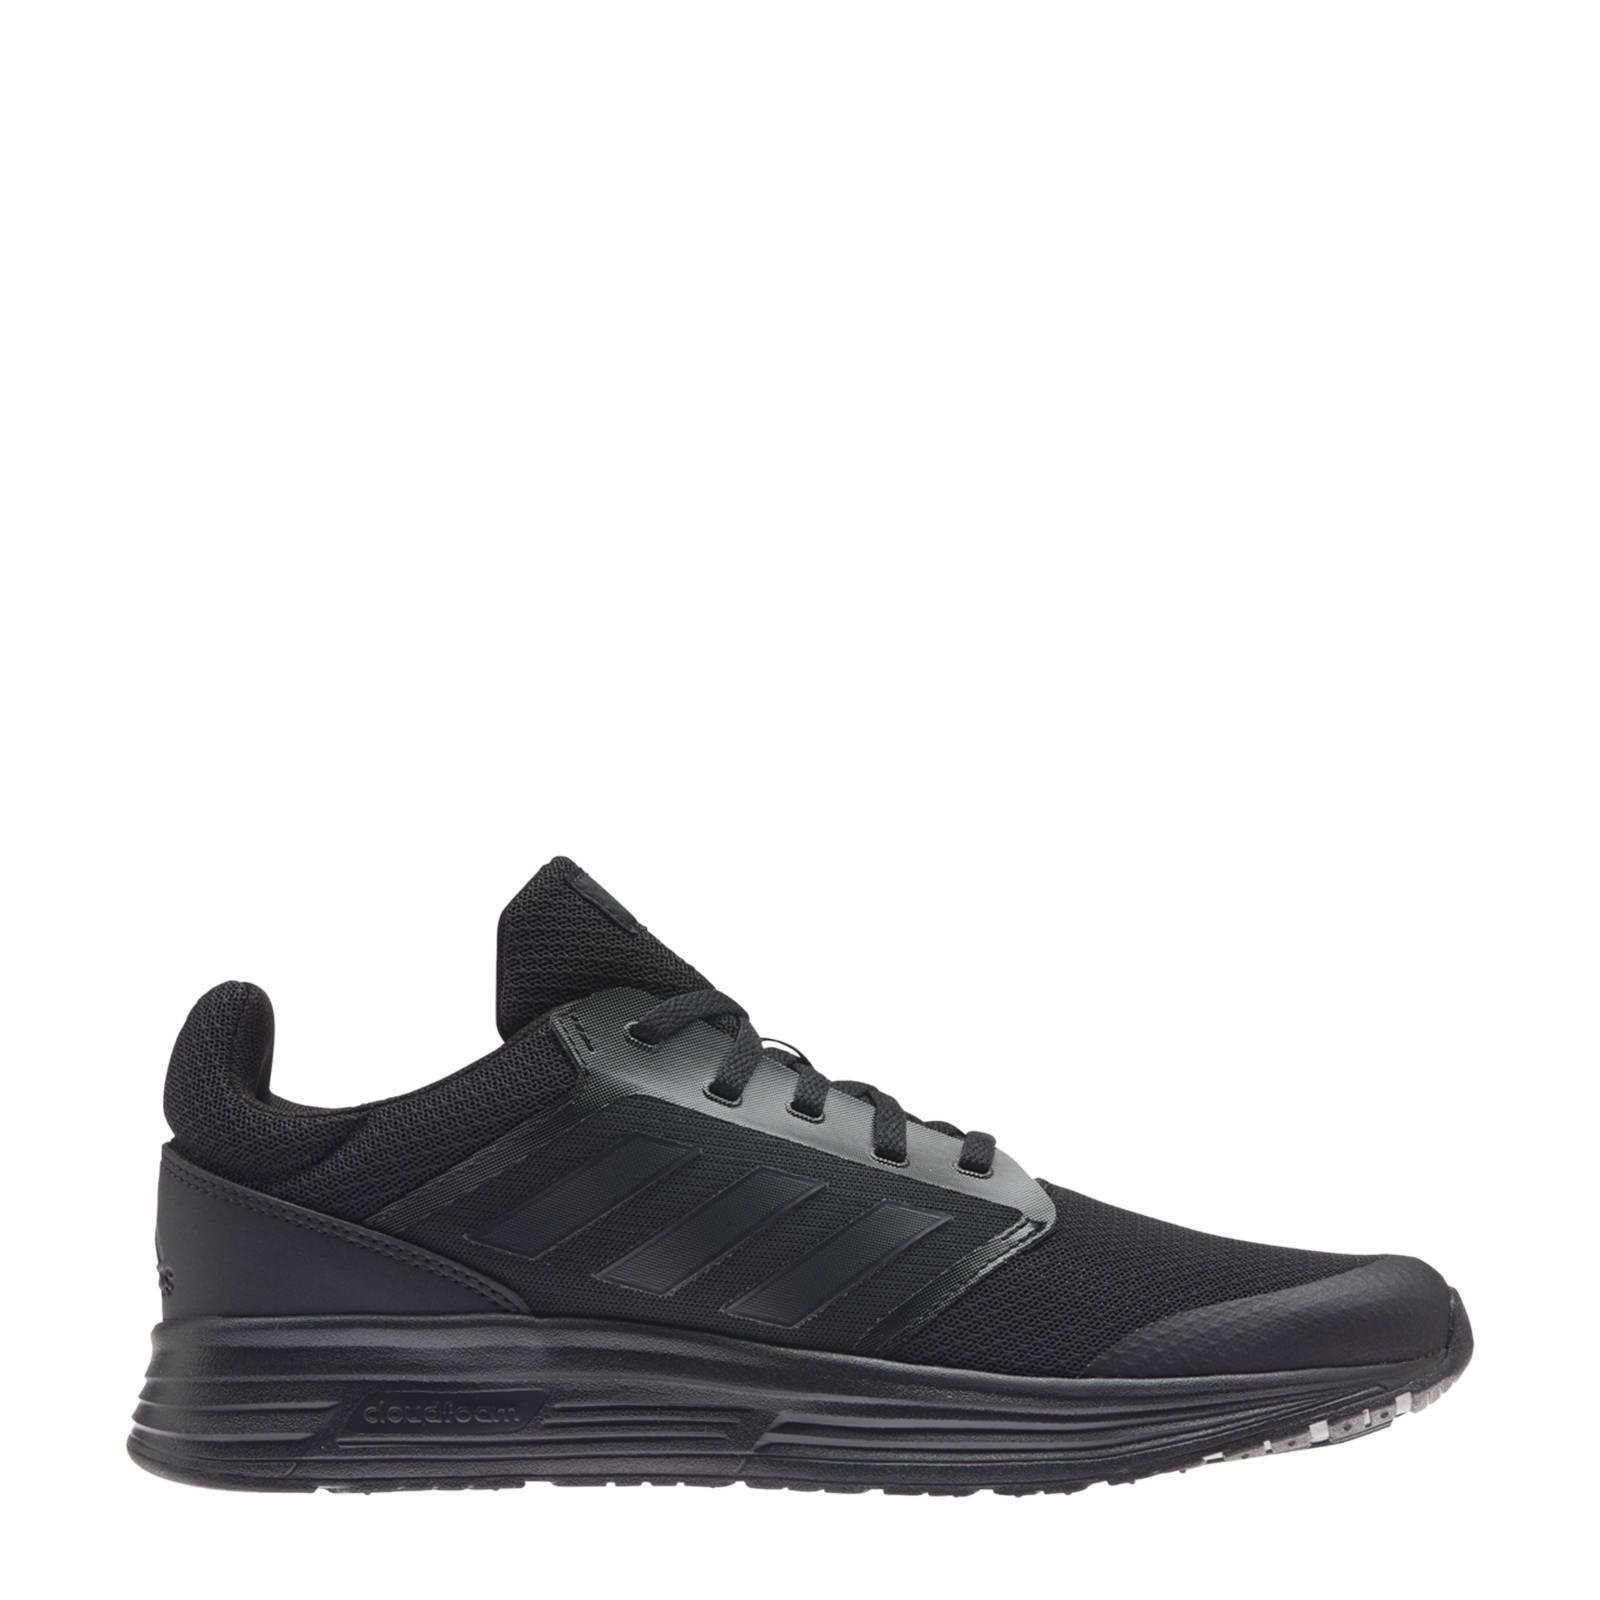 Adidas Performance Galaxy 5 Classic hardloopschoenen donkerblauw/wit online kopen